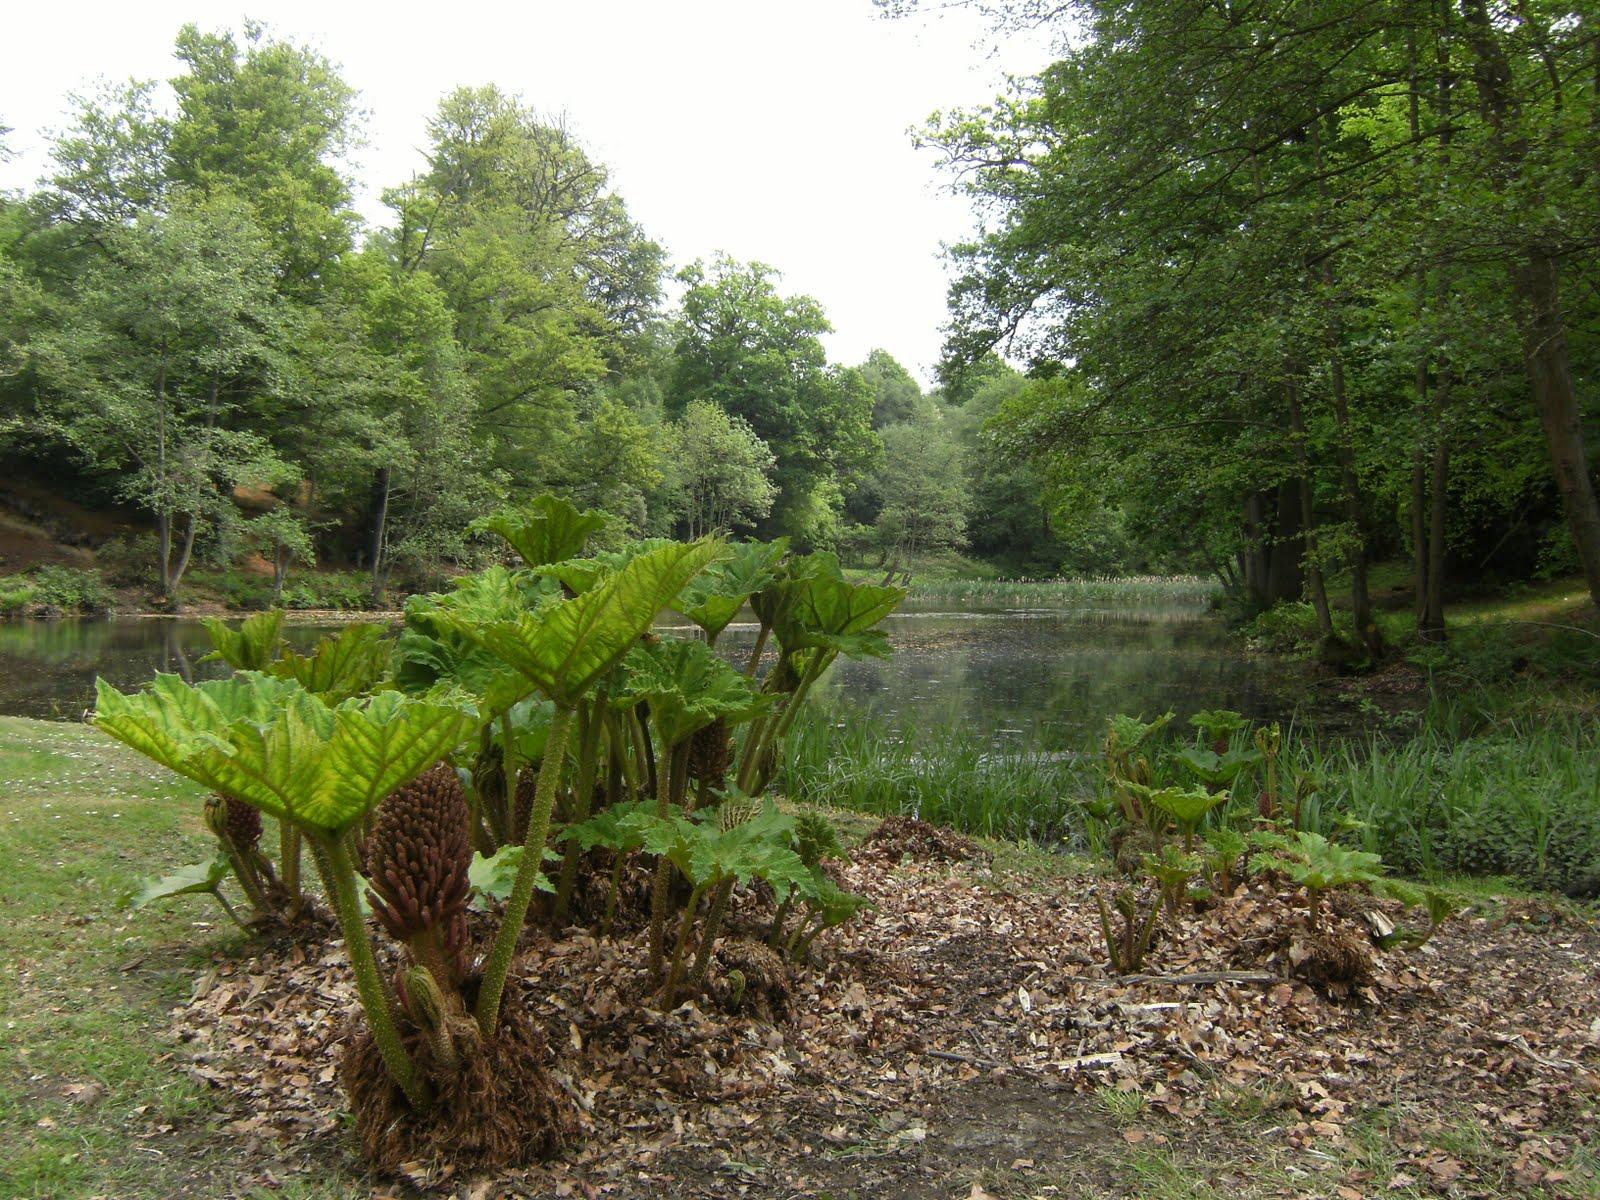 DSCF7812 Lake on the Buckhurst Estate